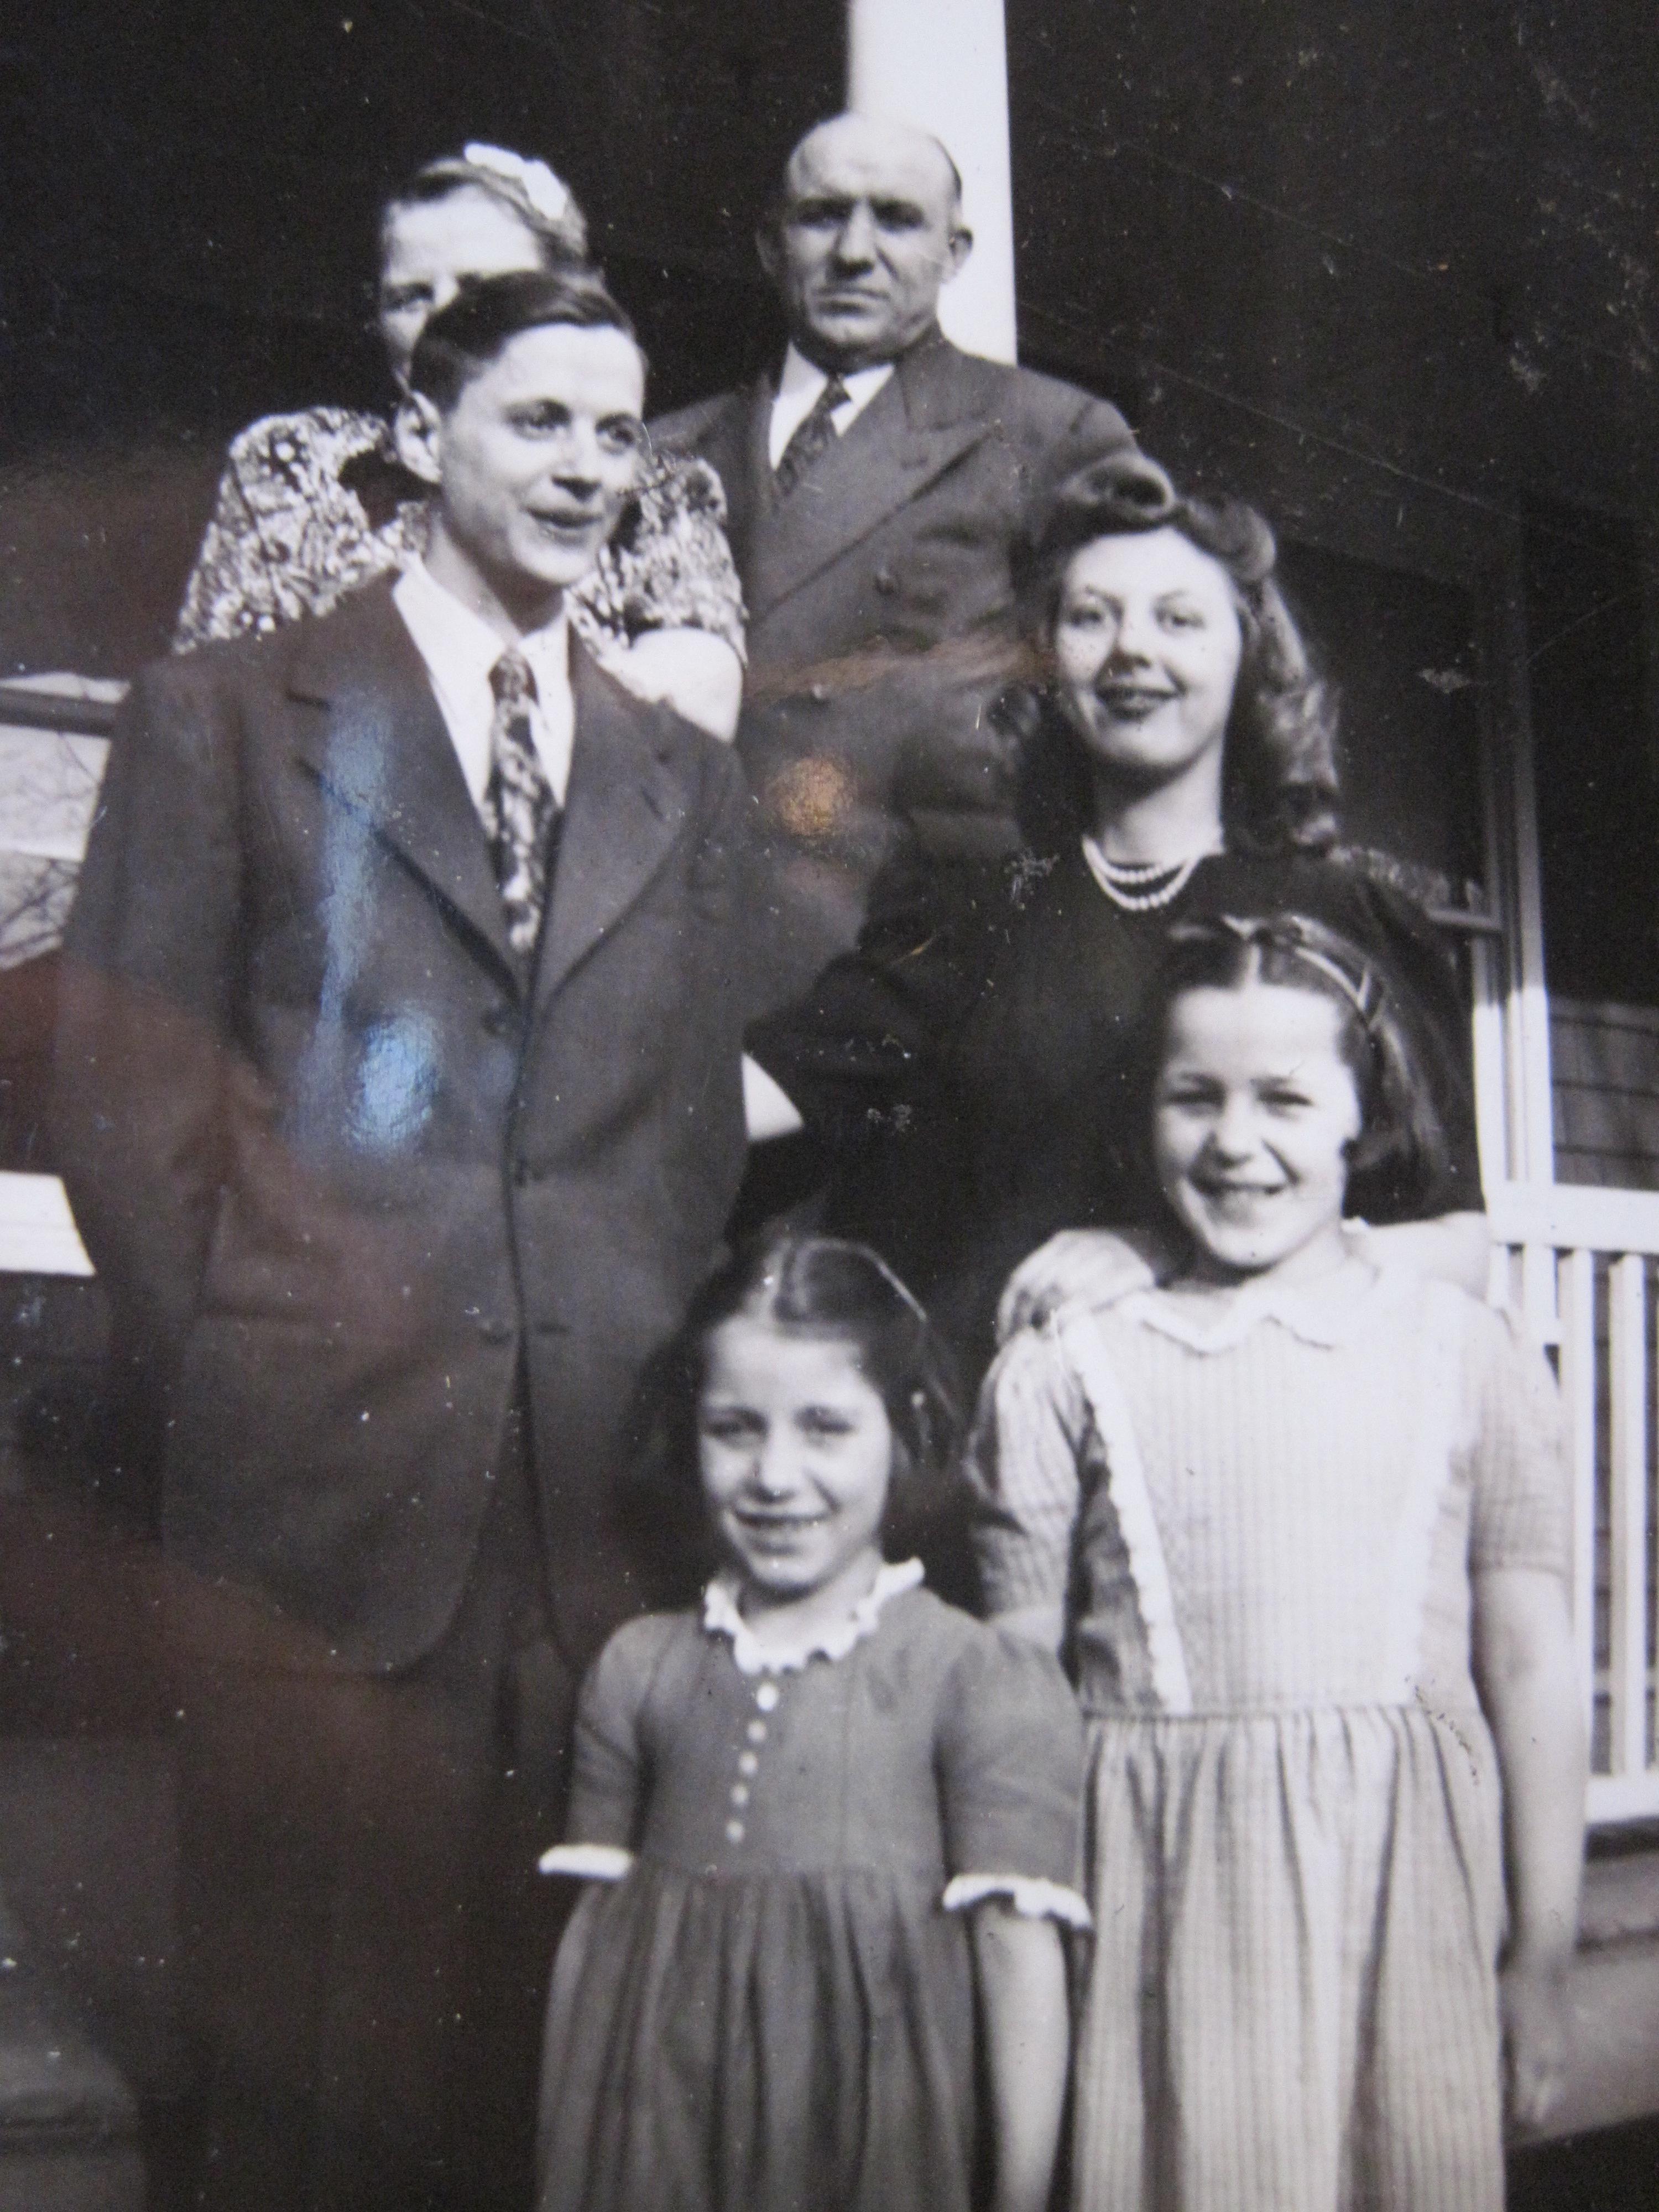 Wanatowicz, Maryann Joanie and Uram Tessie